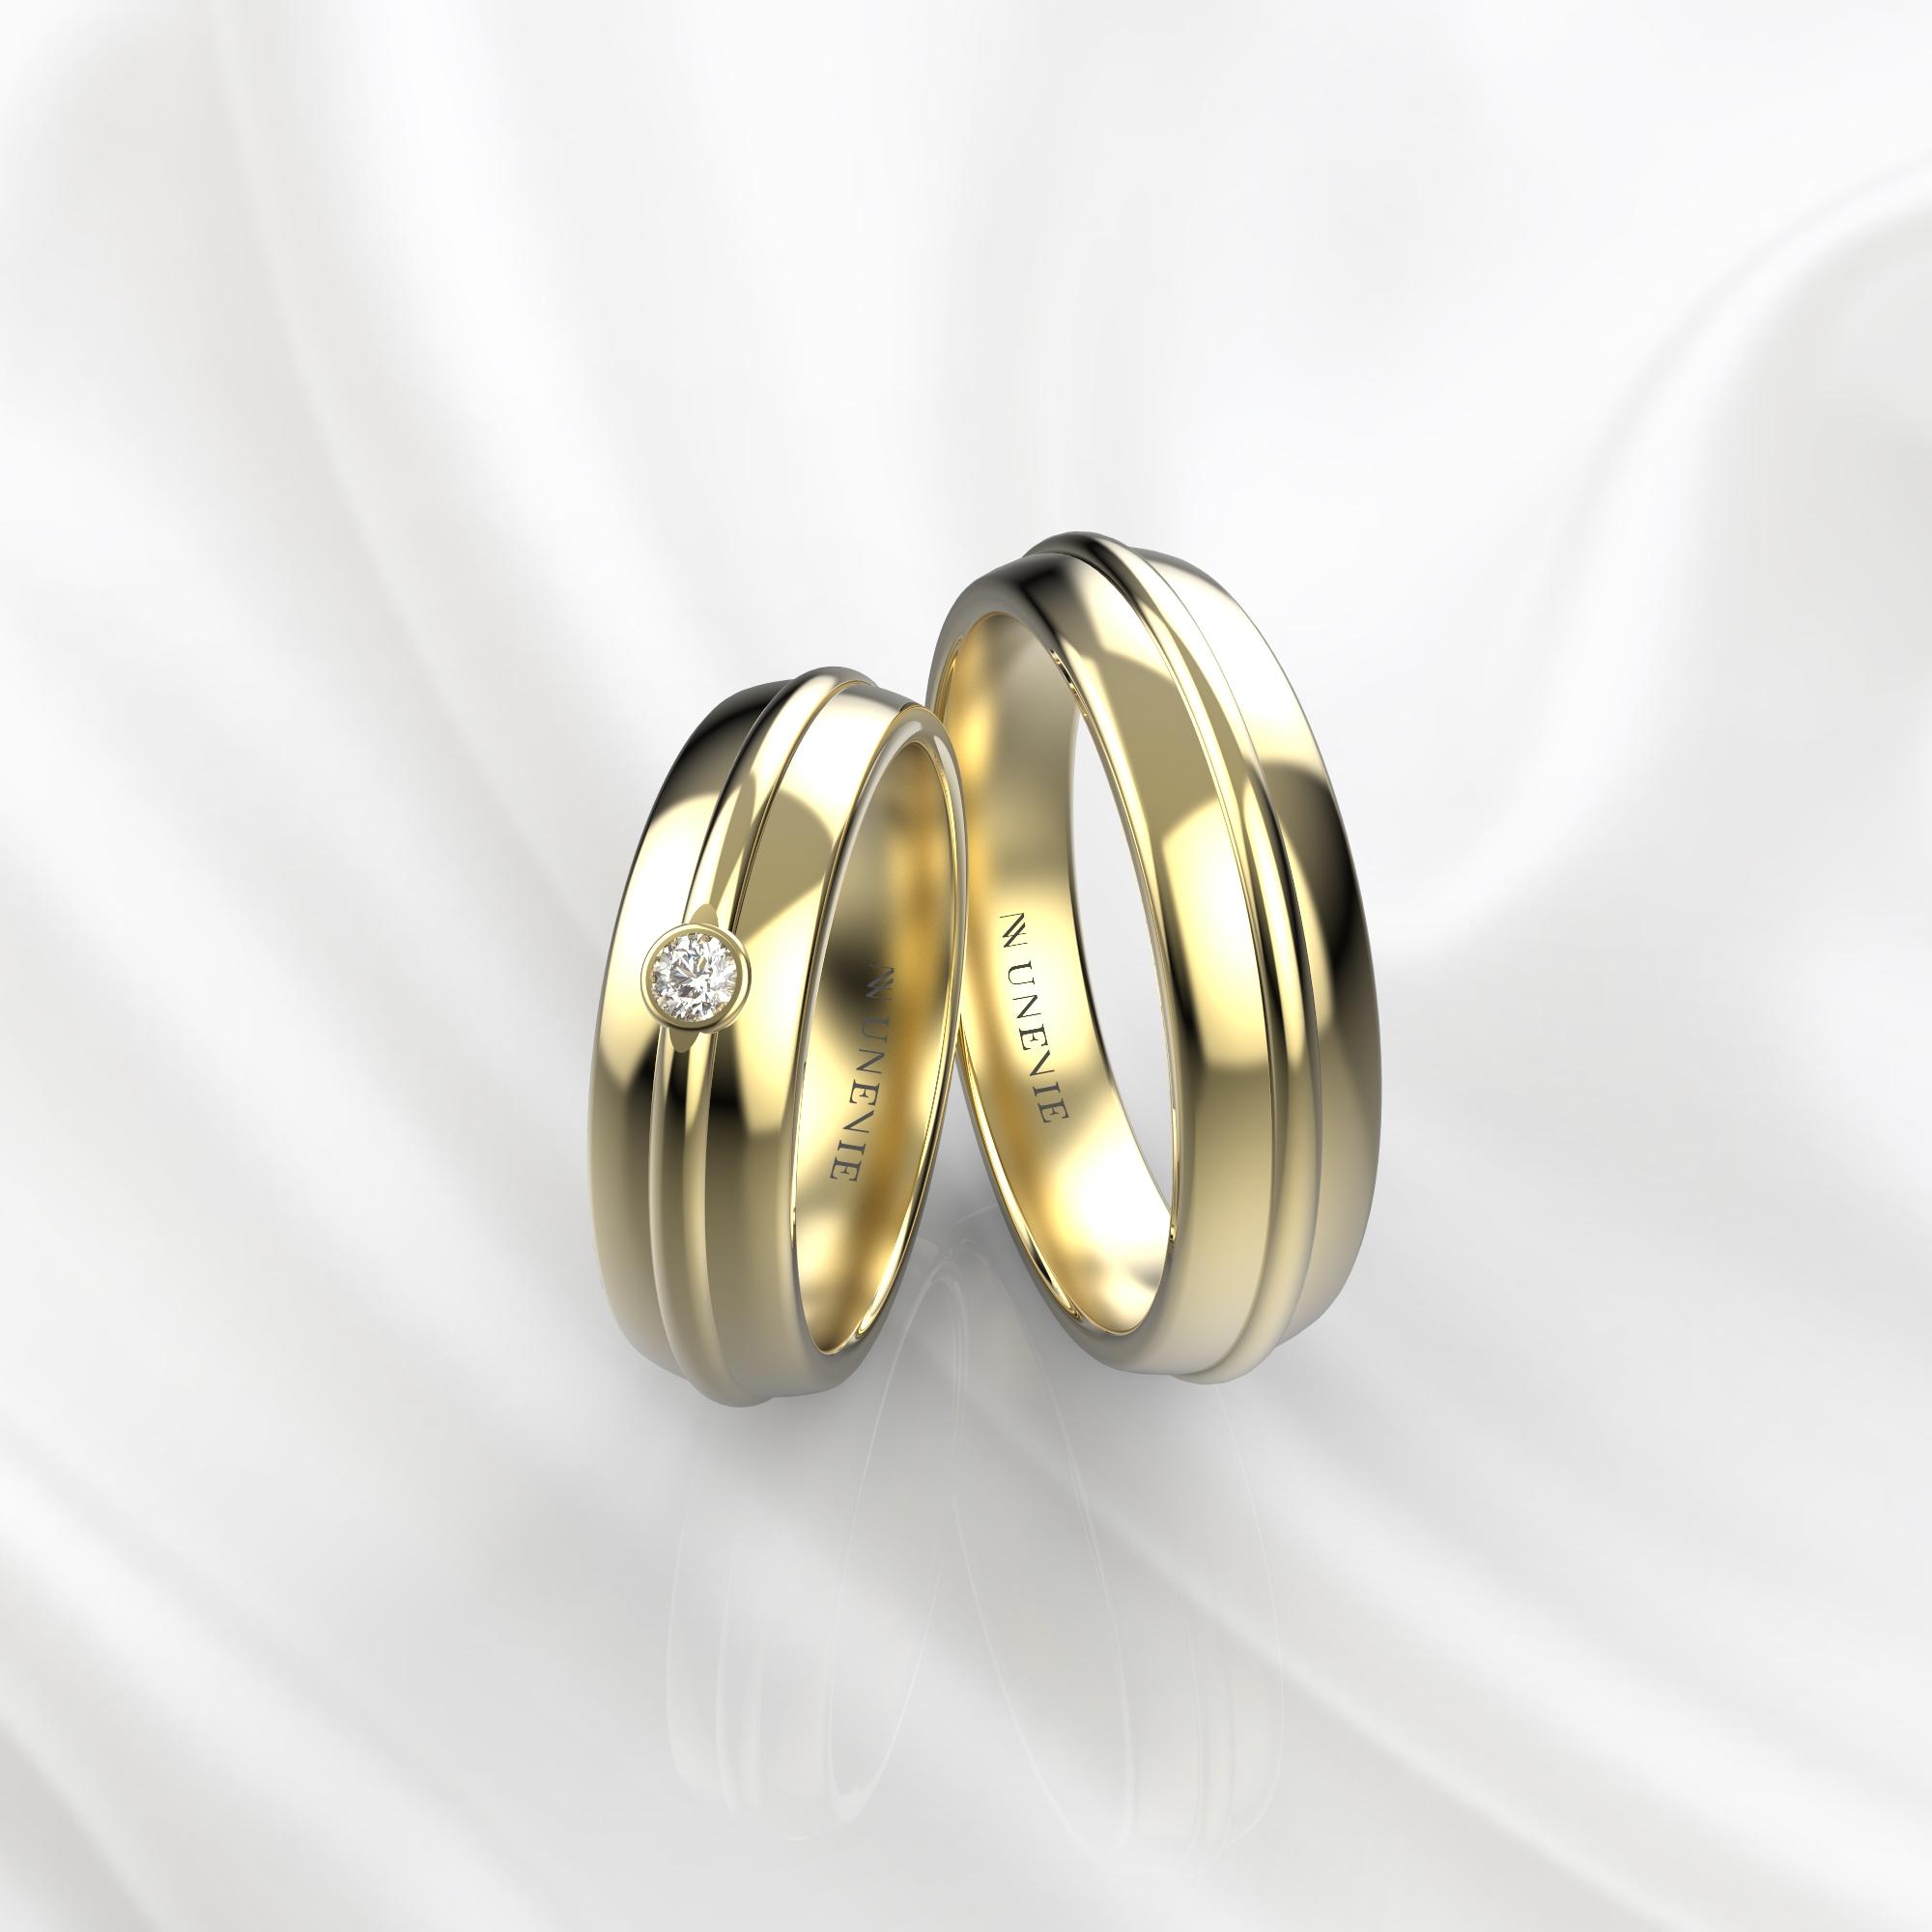 NV69 Парные обручальные кольца из желтого золота с бриллиантом